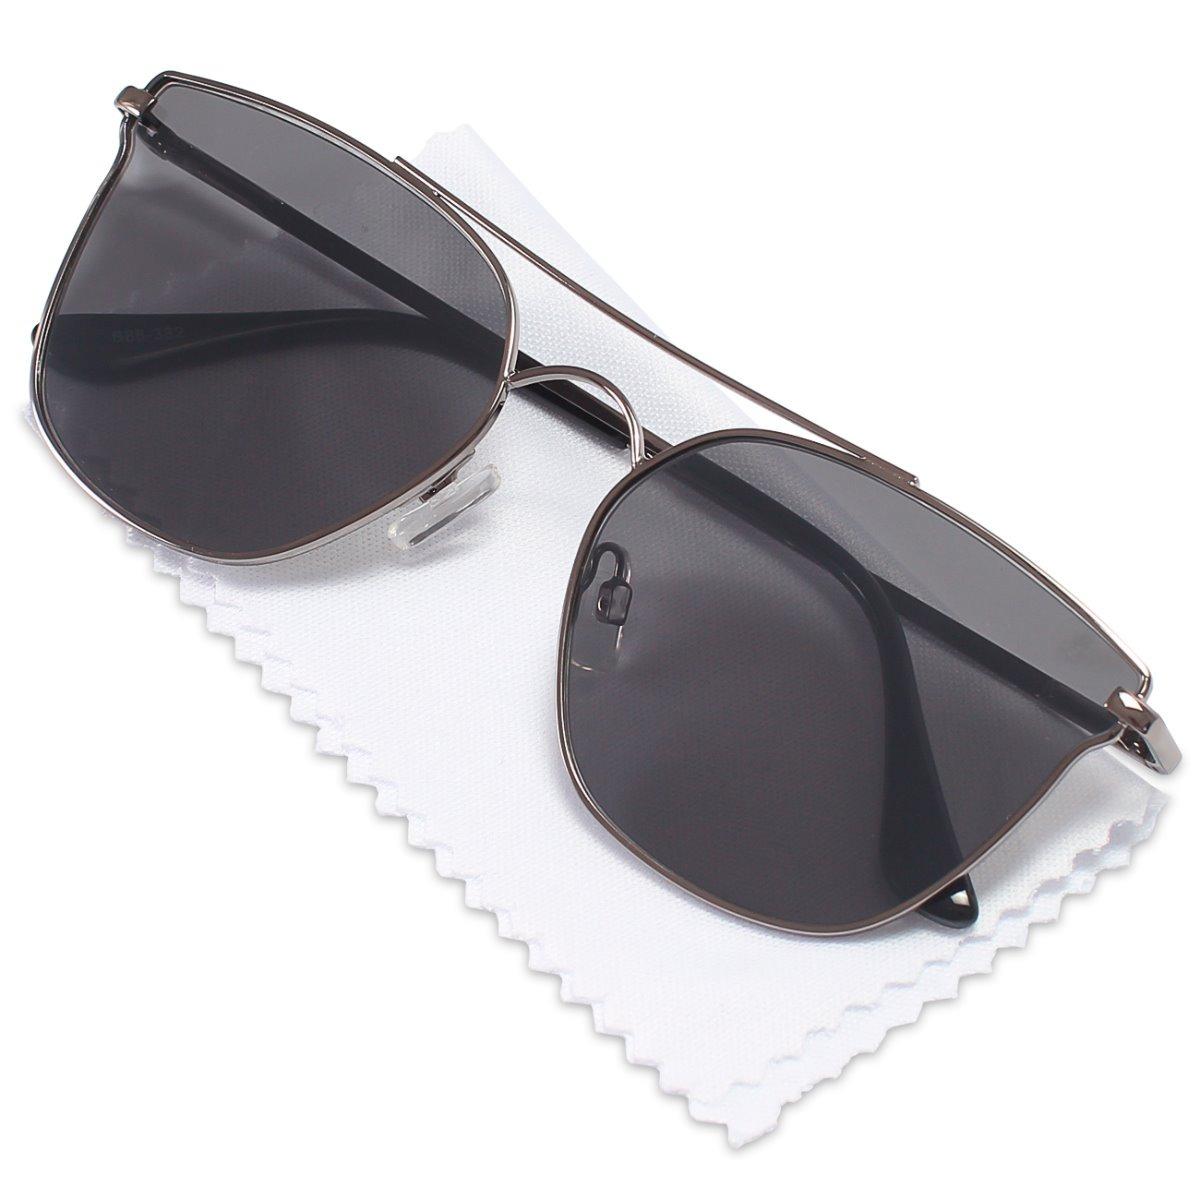 73a5bfb4f3dfa kit oculos sol feminino gatinho estojo proteção uv original. Carregando  zoom.